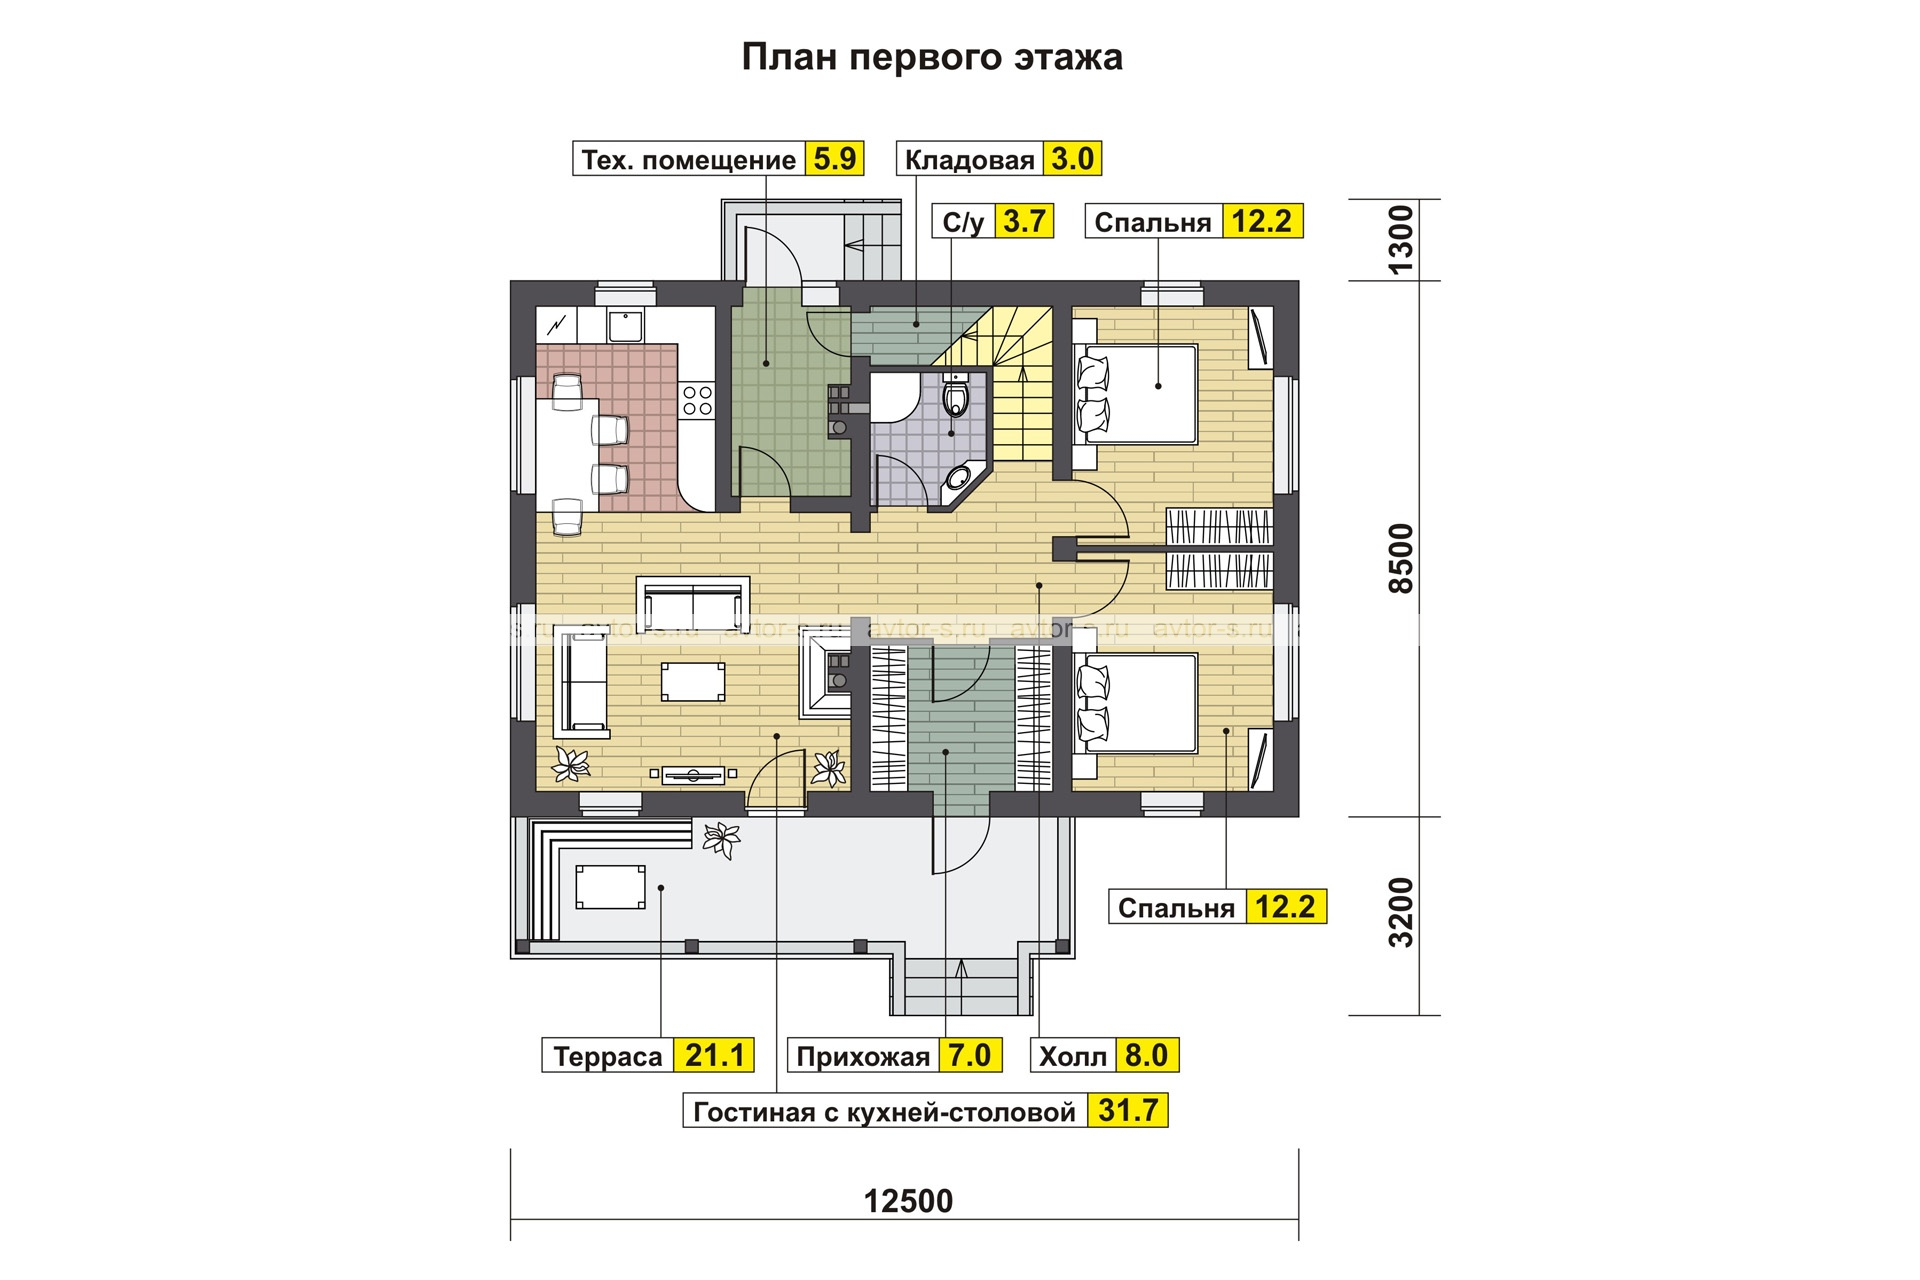 AV 310 план